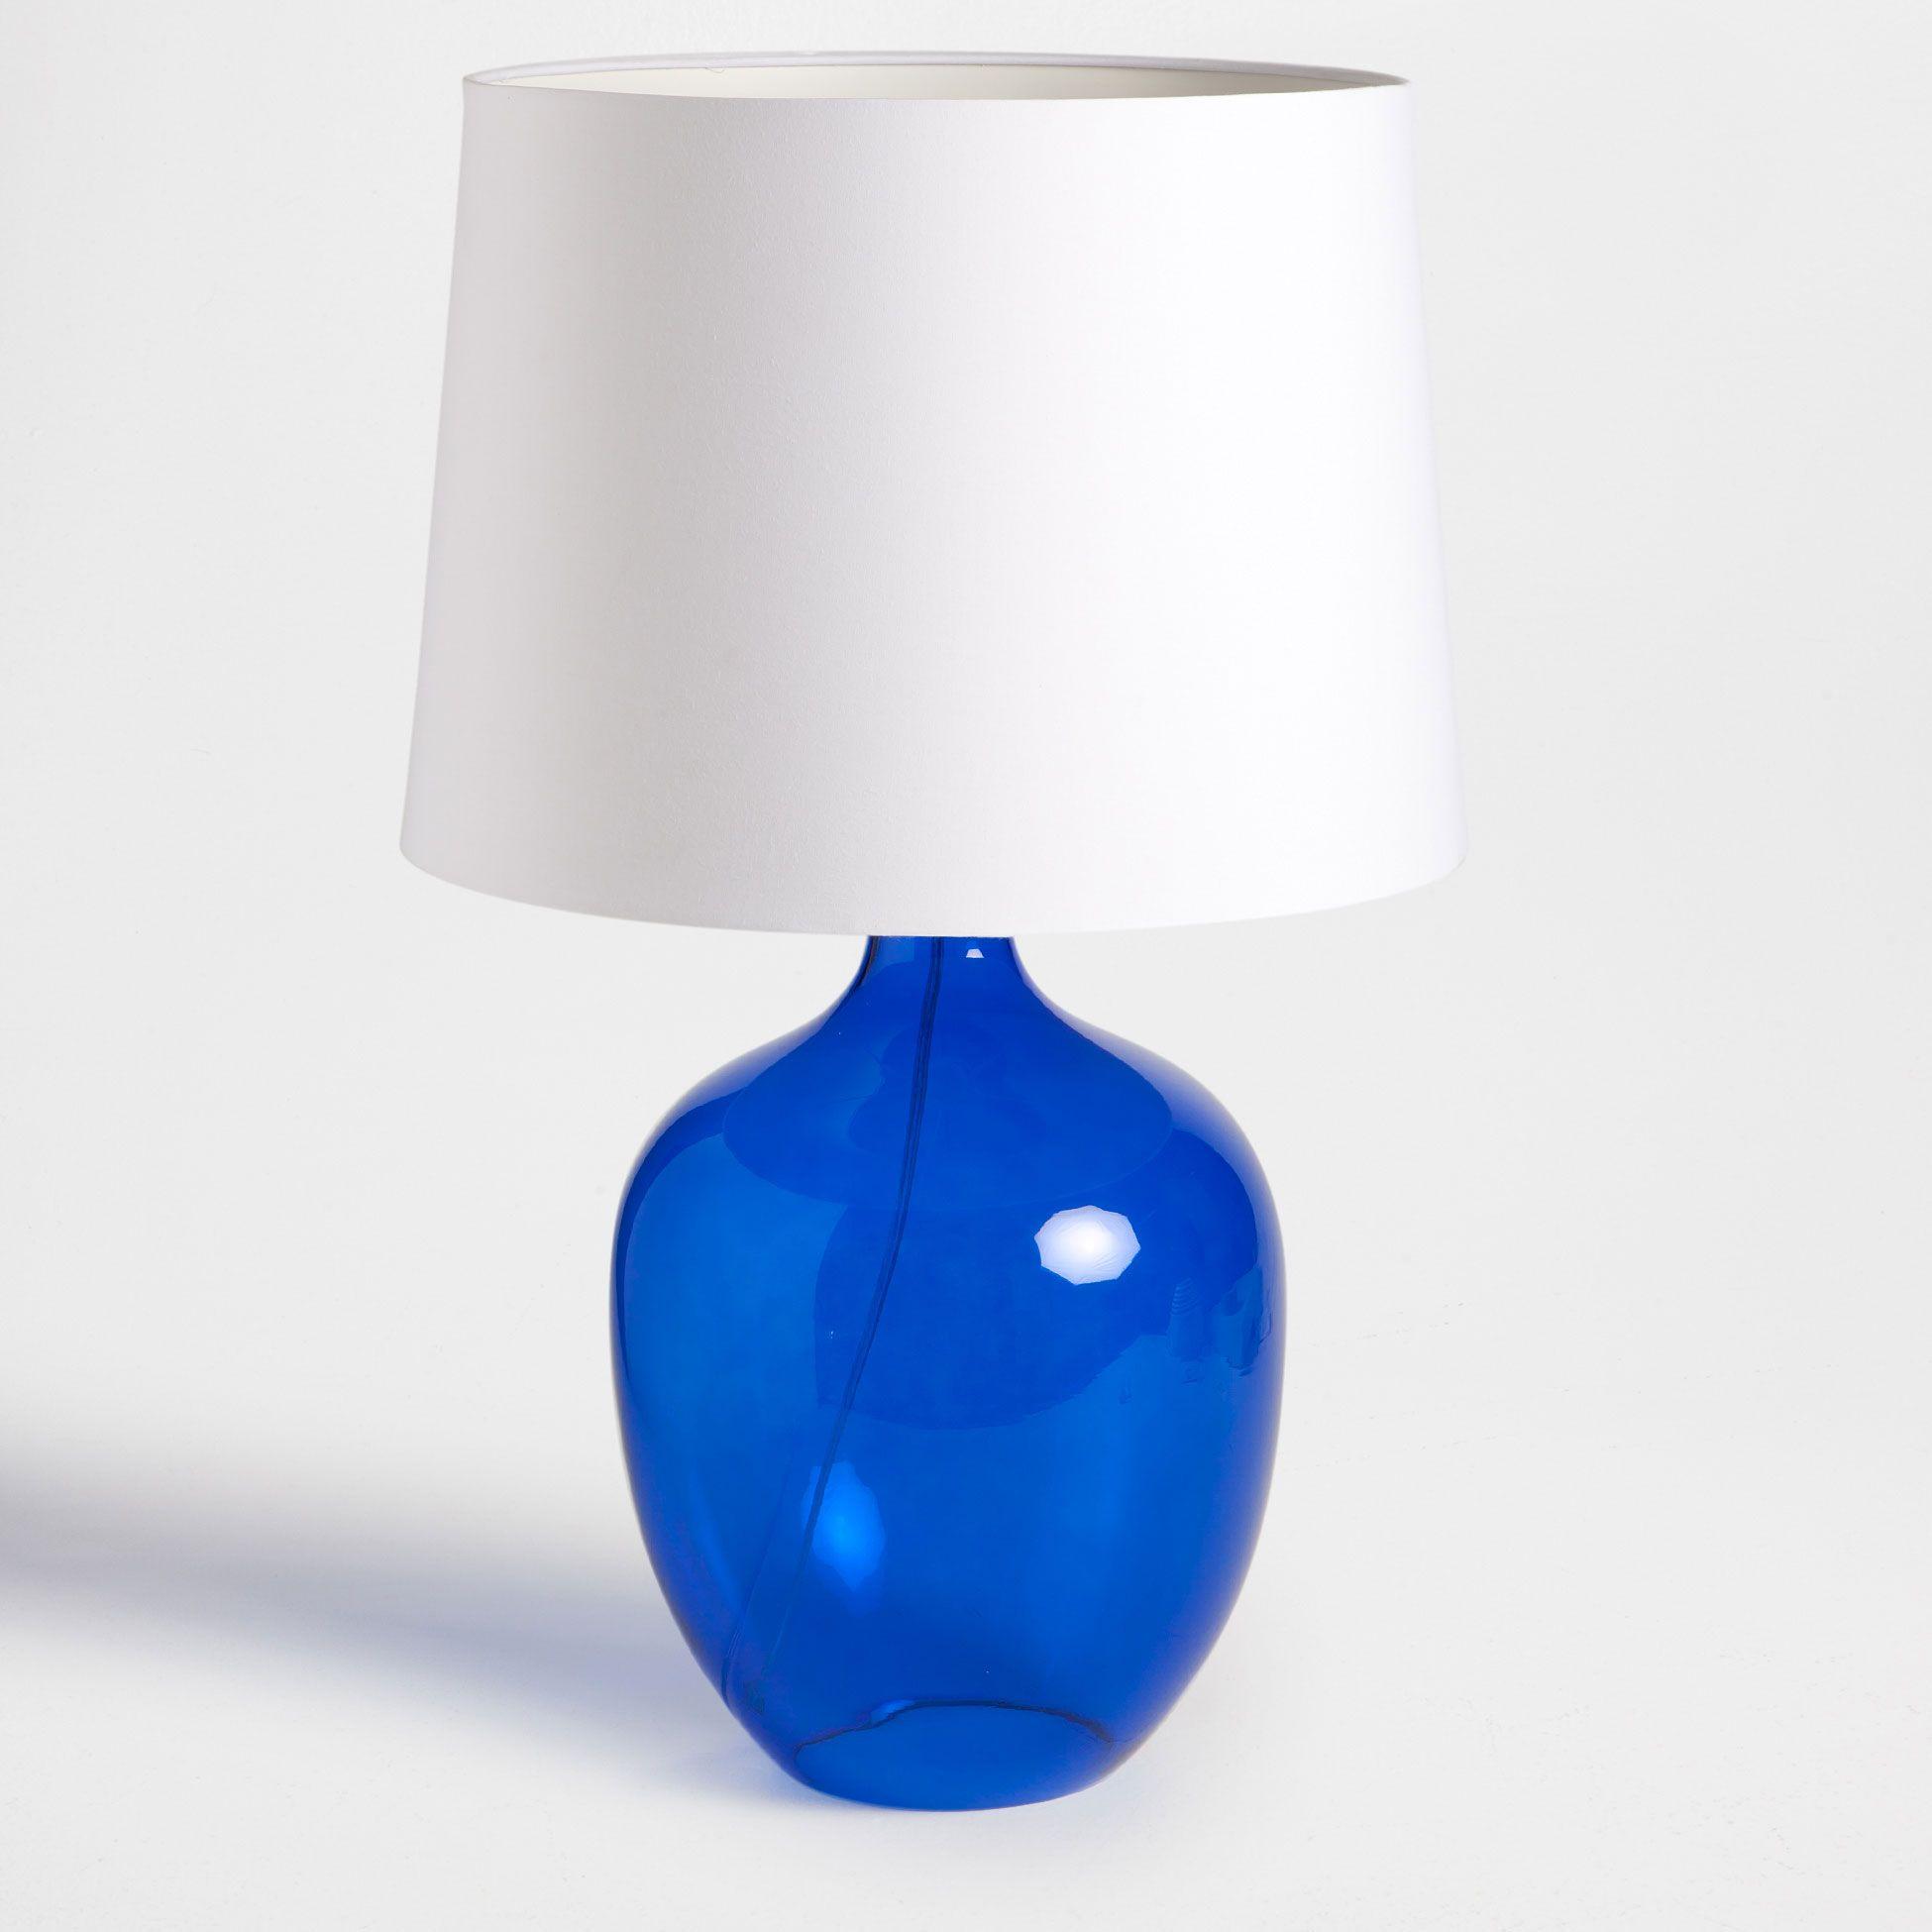 L mpara cristal azul zara home espa a blanco y azul - Zara home lamparas mesilla ...